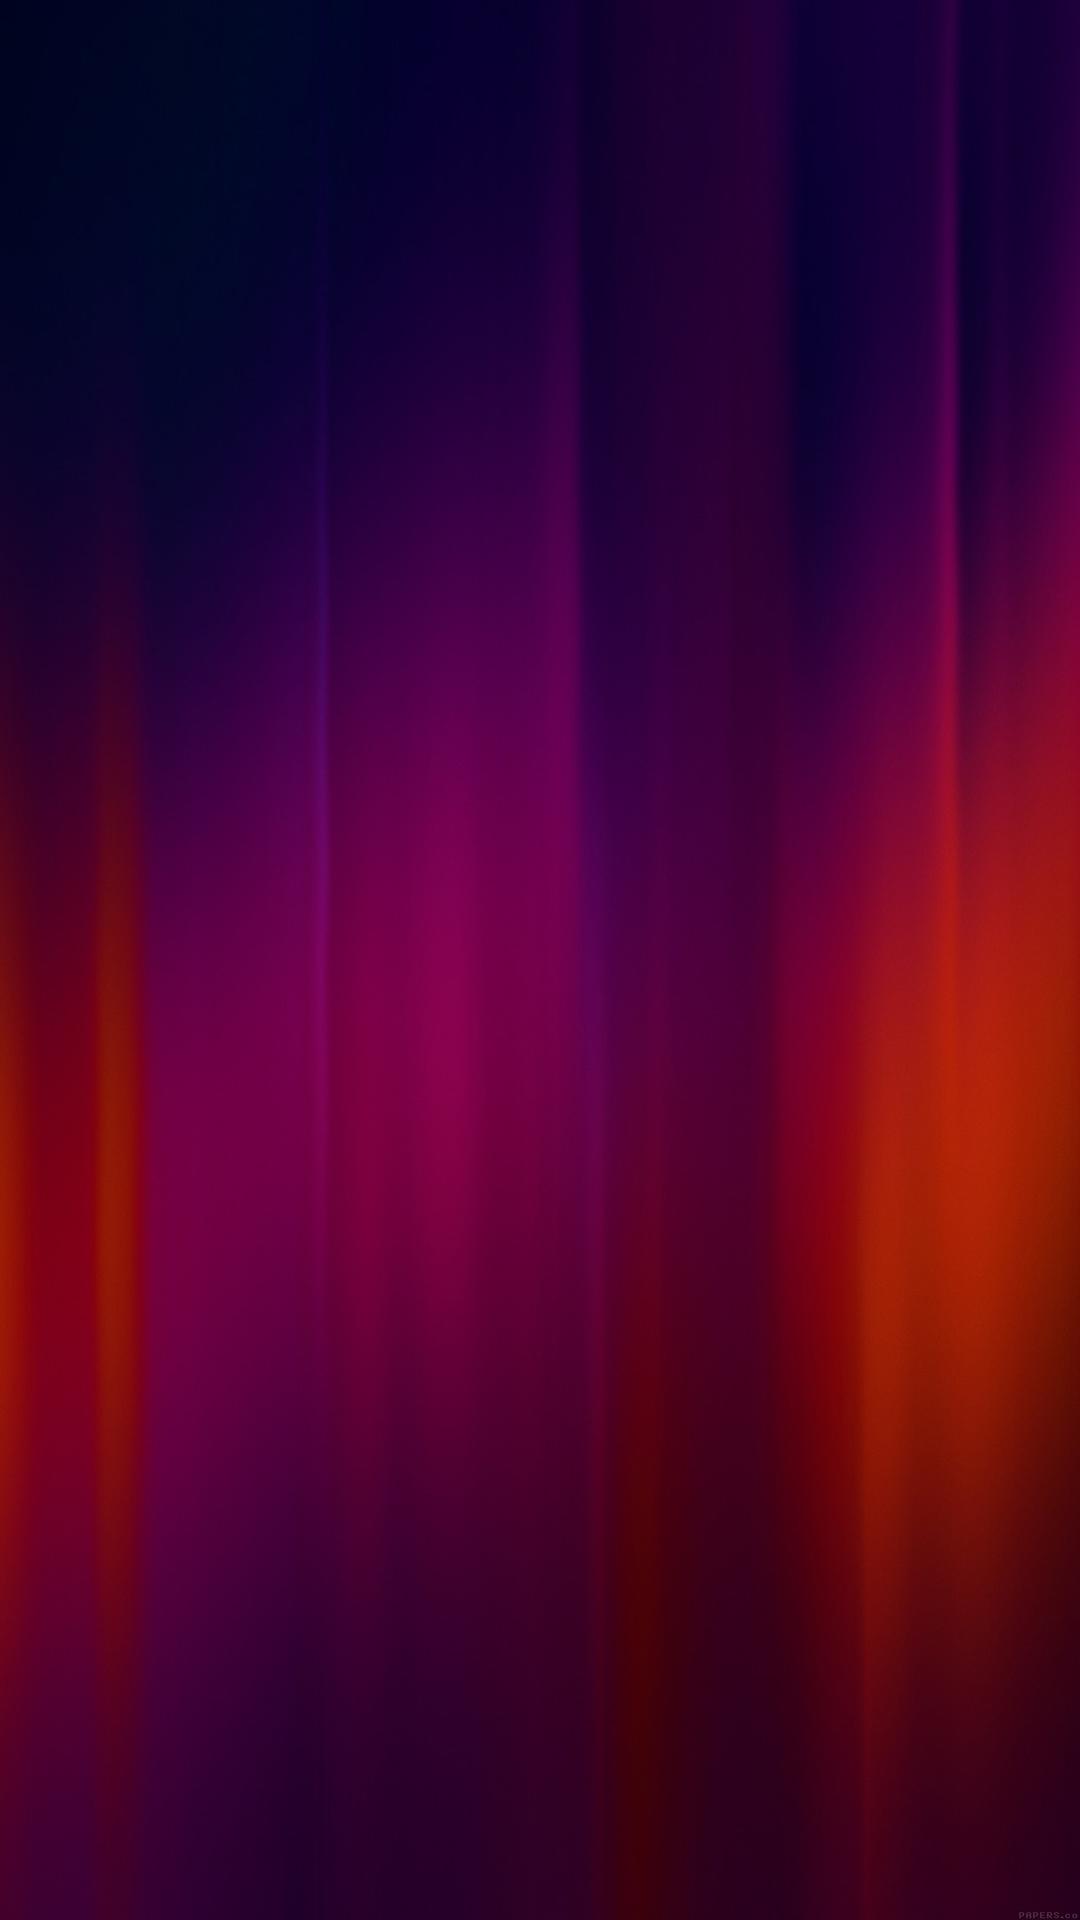 赤と紫のiphone 現代の赤い壁紙 736x1308 Wallpapertip